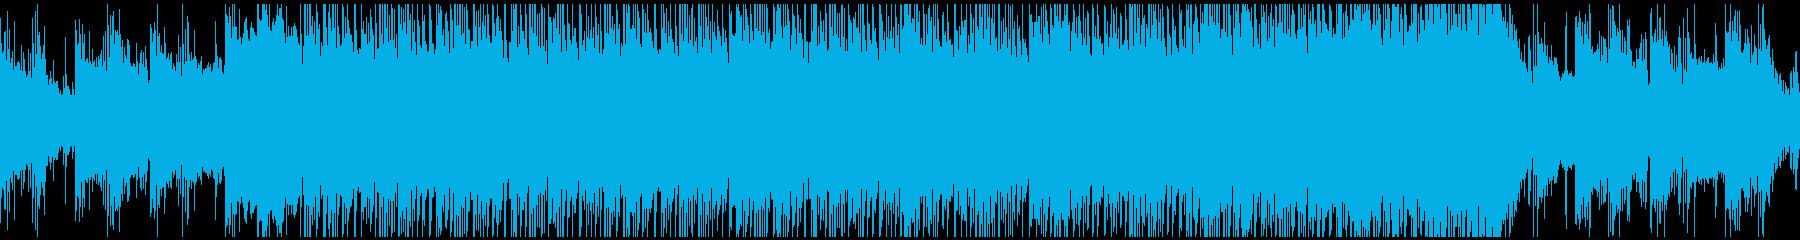 ド迫力な和風エピックBGM ループの再生済みの波形